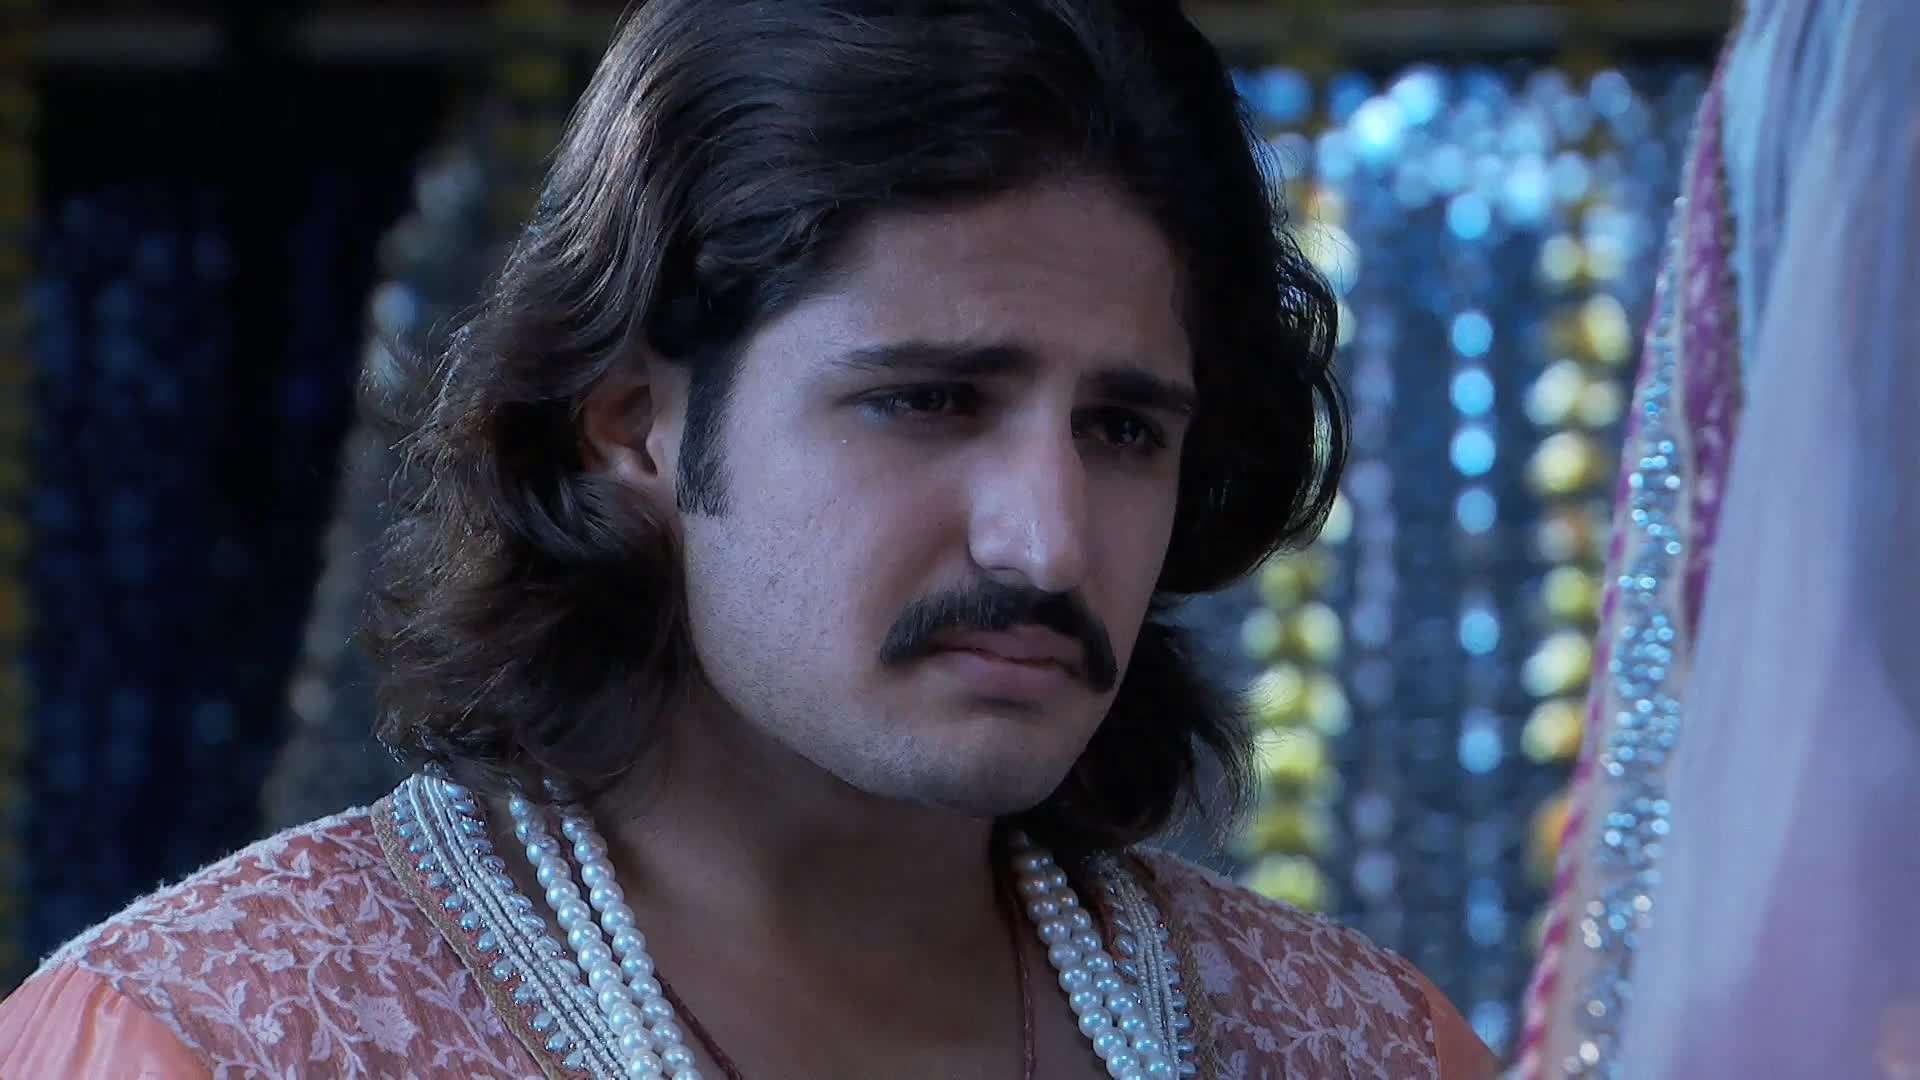 المسلسل الهندي التاريخي جودا أكبر الجزء الثاني (2013) [مدبلج] كامل 1080p تحميل تورنت 25 arabp2p.com